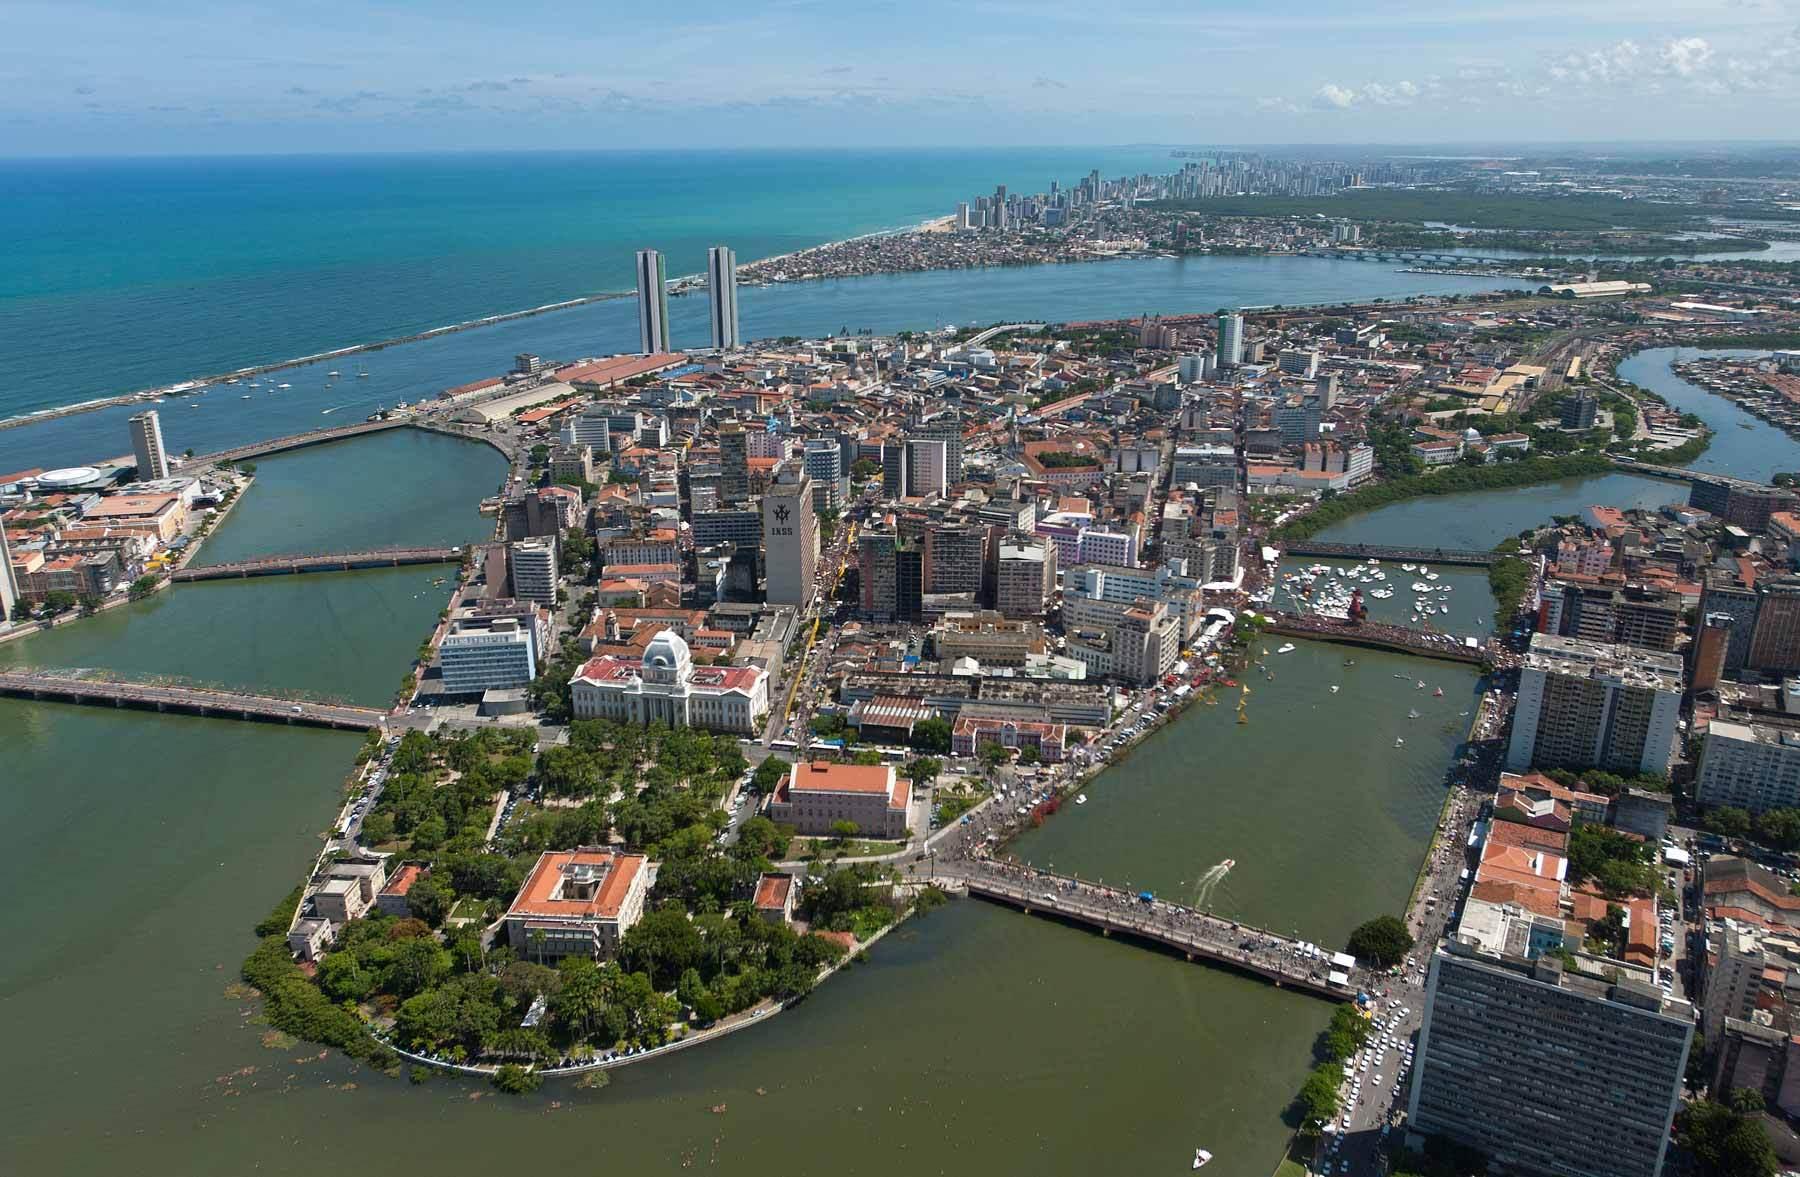 Wallpaper Decor Recife : Recife megaconstrucciones extreme engineering